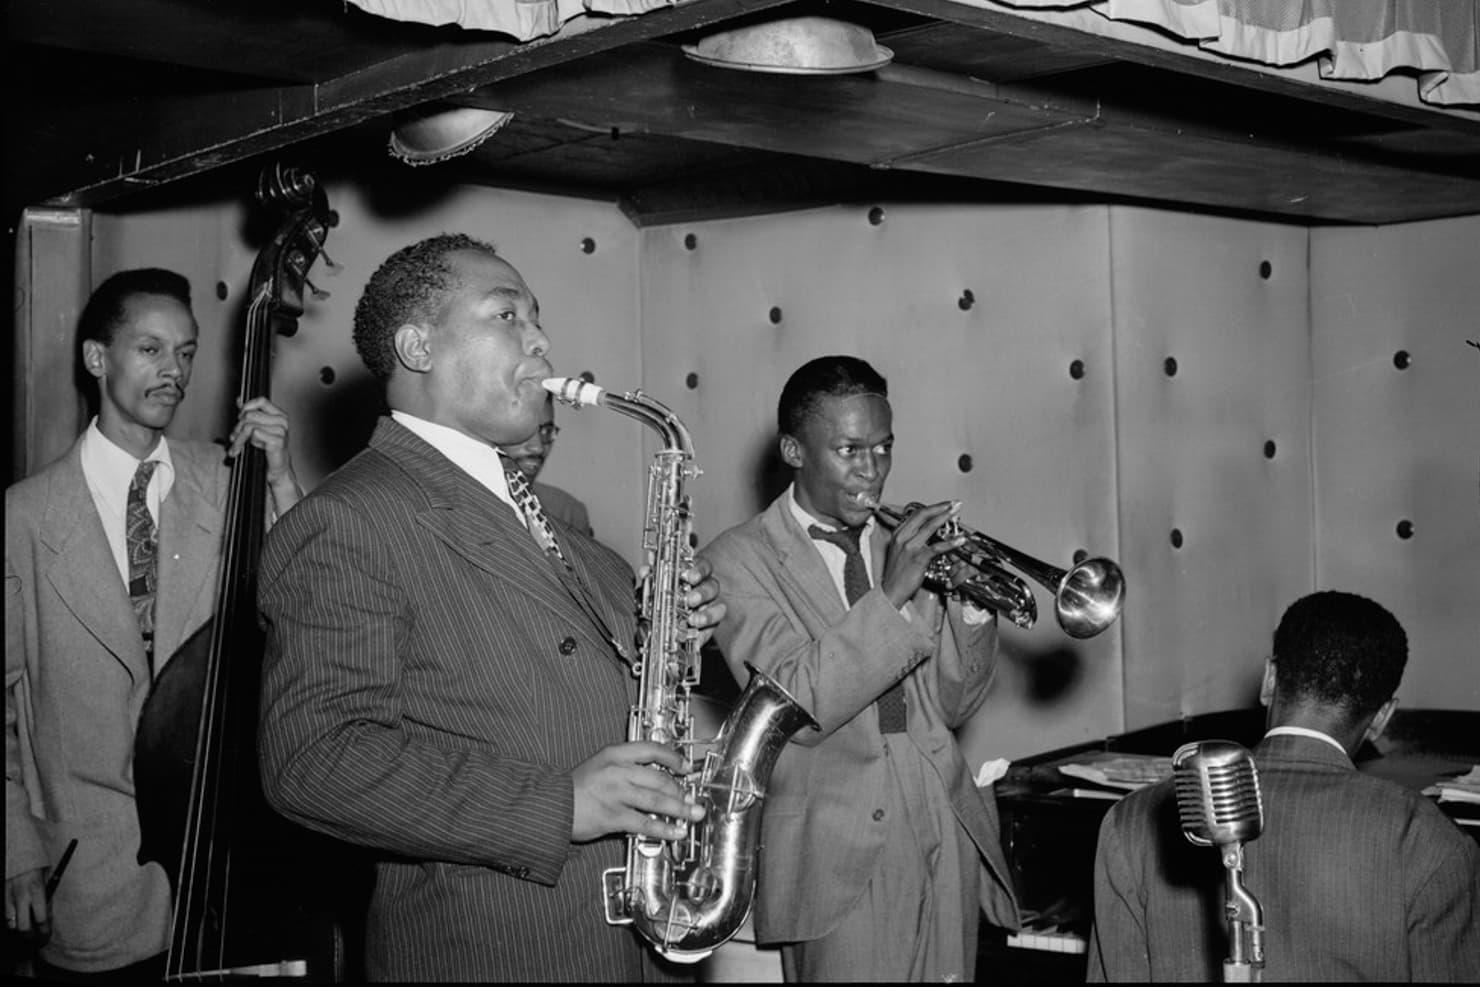 マイルス・デイビスとチャーリー・パーカーのジャズバンドの写真